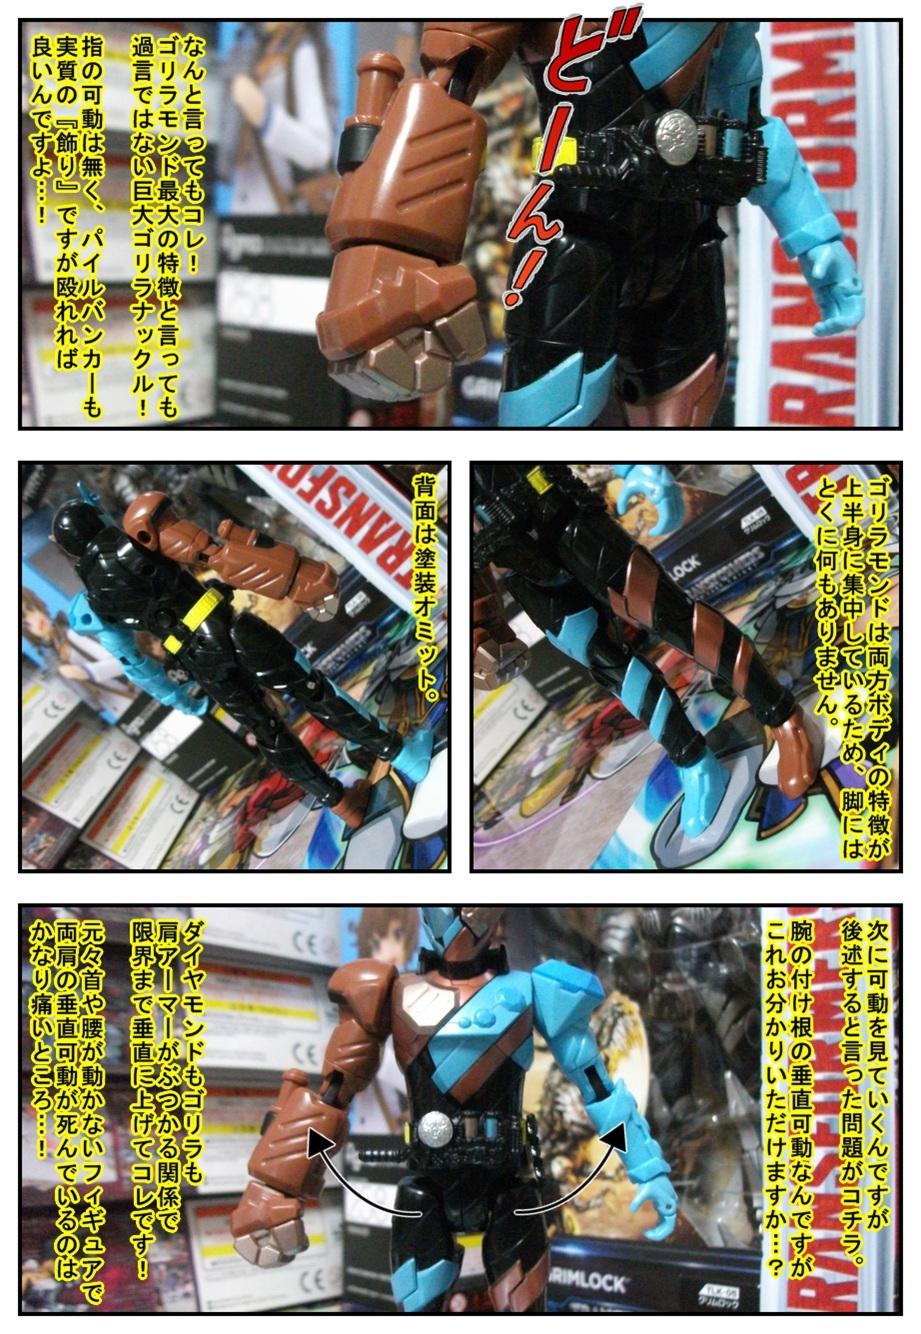 【漫画で商品レビュー】BCR02 仮面ライダービルド(ゴリラモンド)_f0205396_14283073.jpg